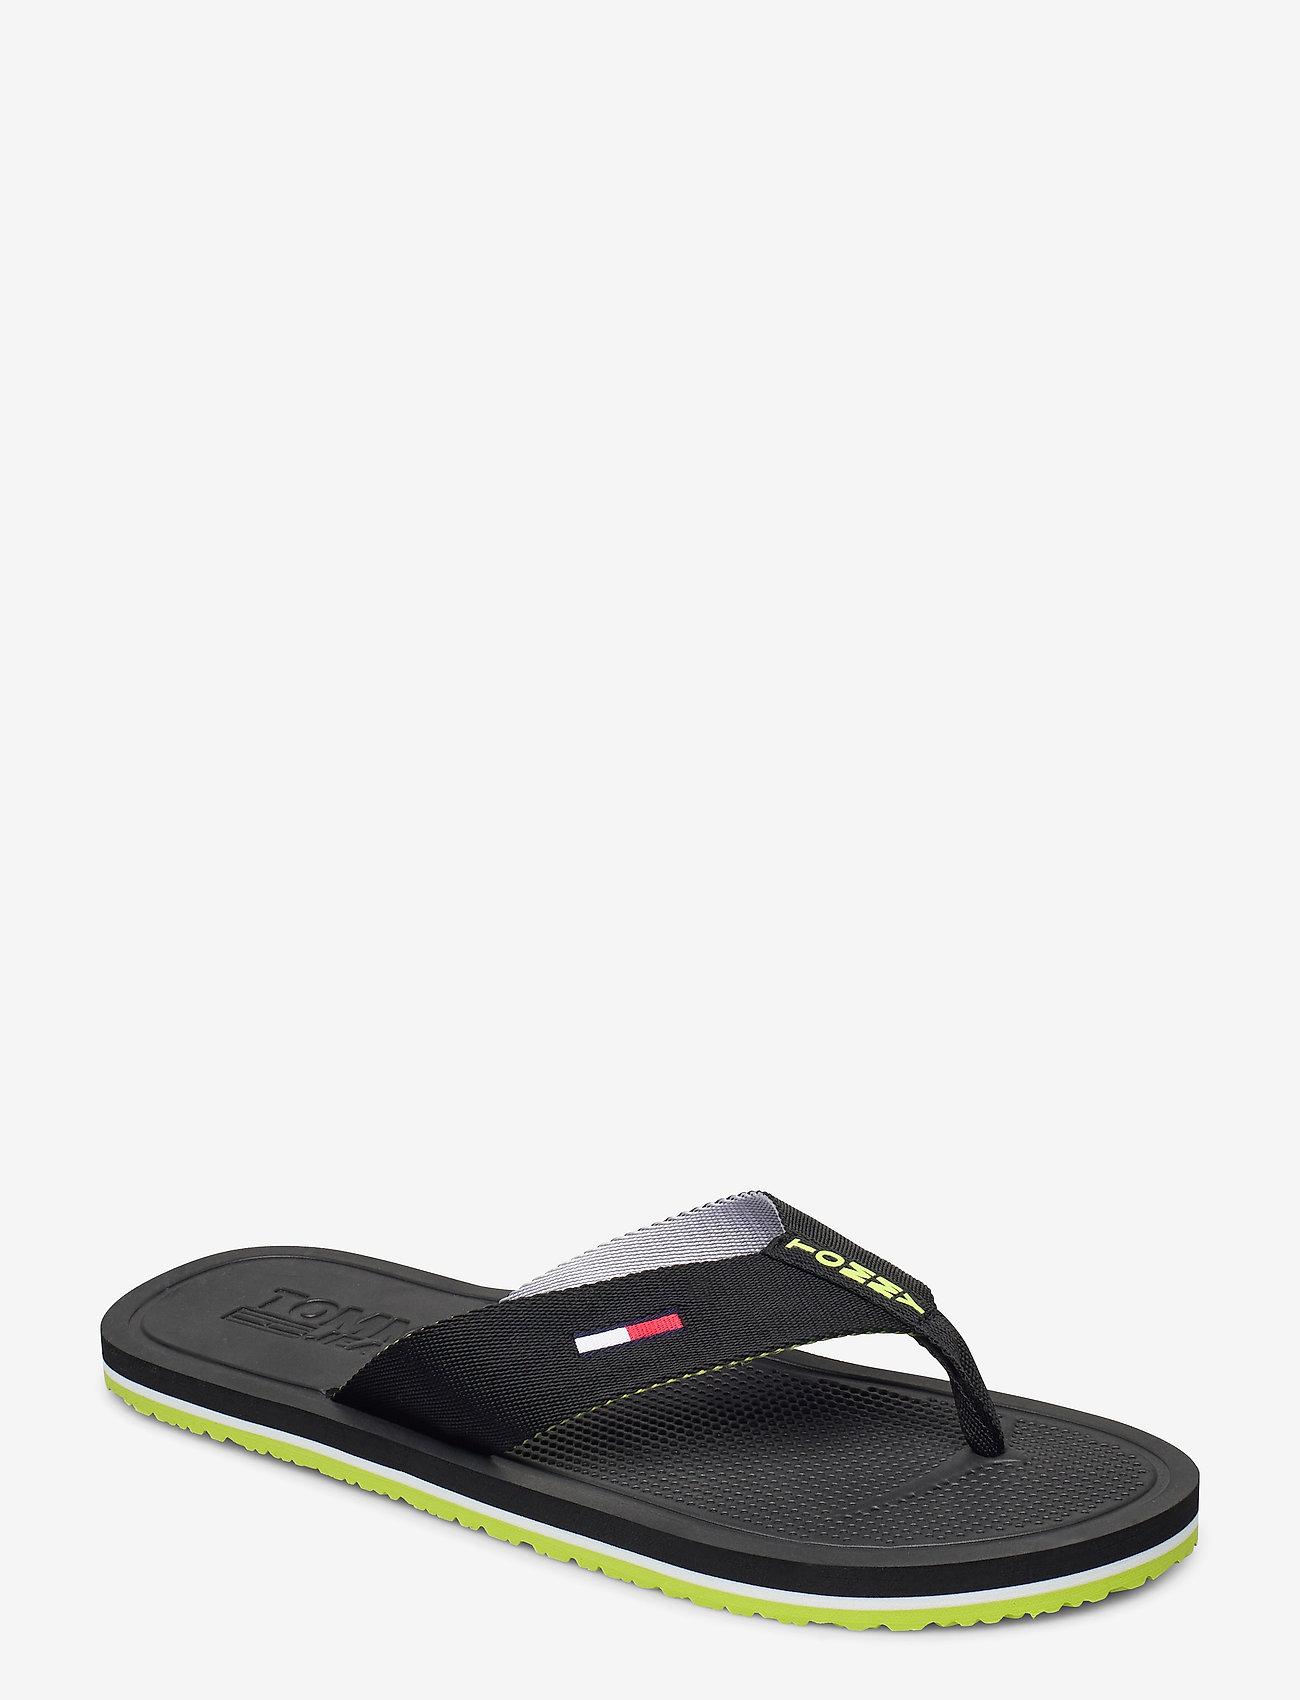 Tommy Hilfiger - COMFORT FOOTBED BEAC - flip-flops - black - 0